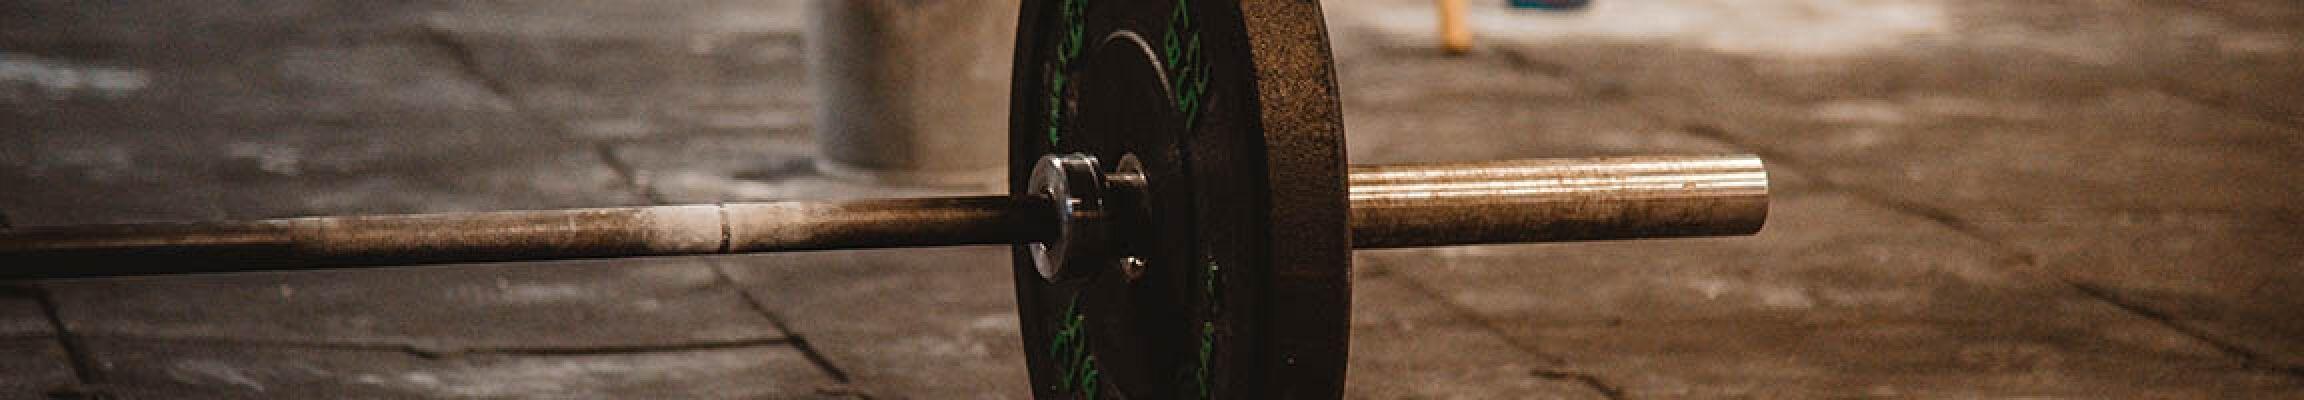 Das ideale Trainingsvolumen zum Muskelwachstum